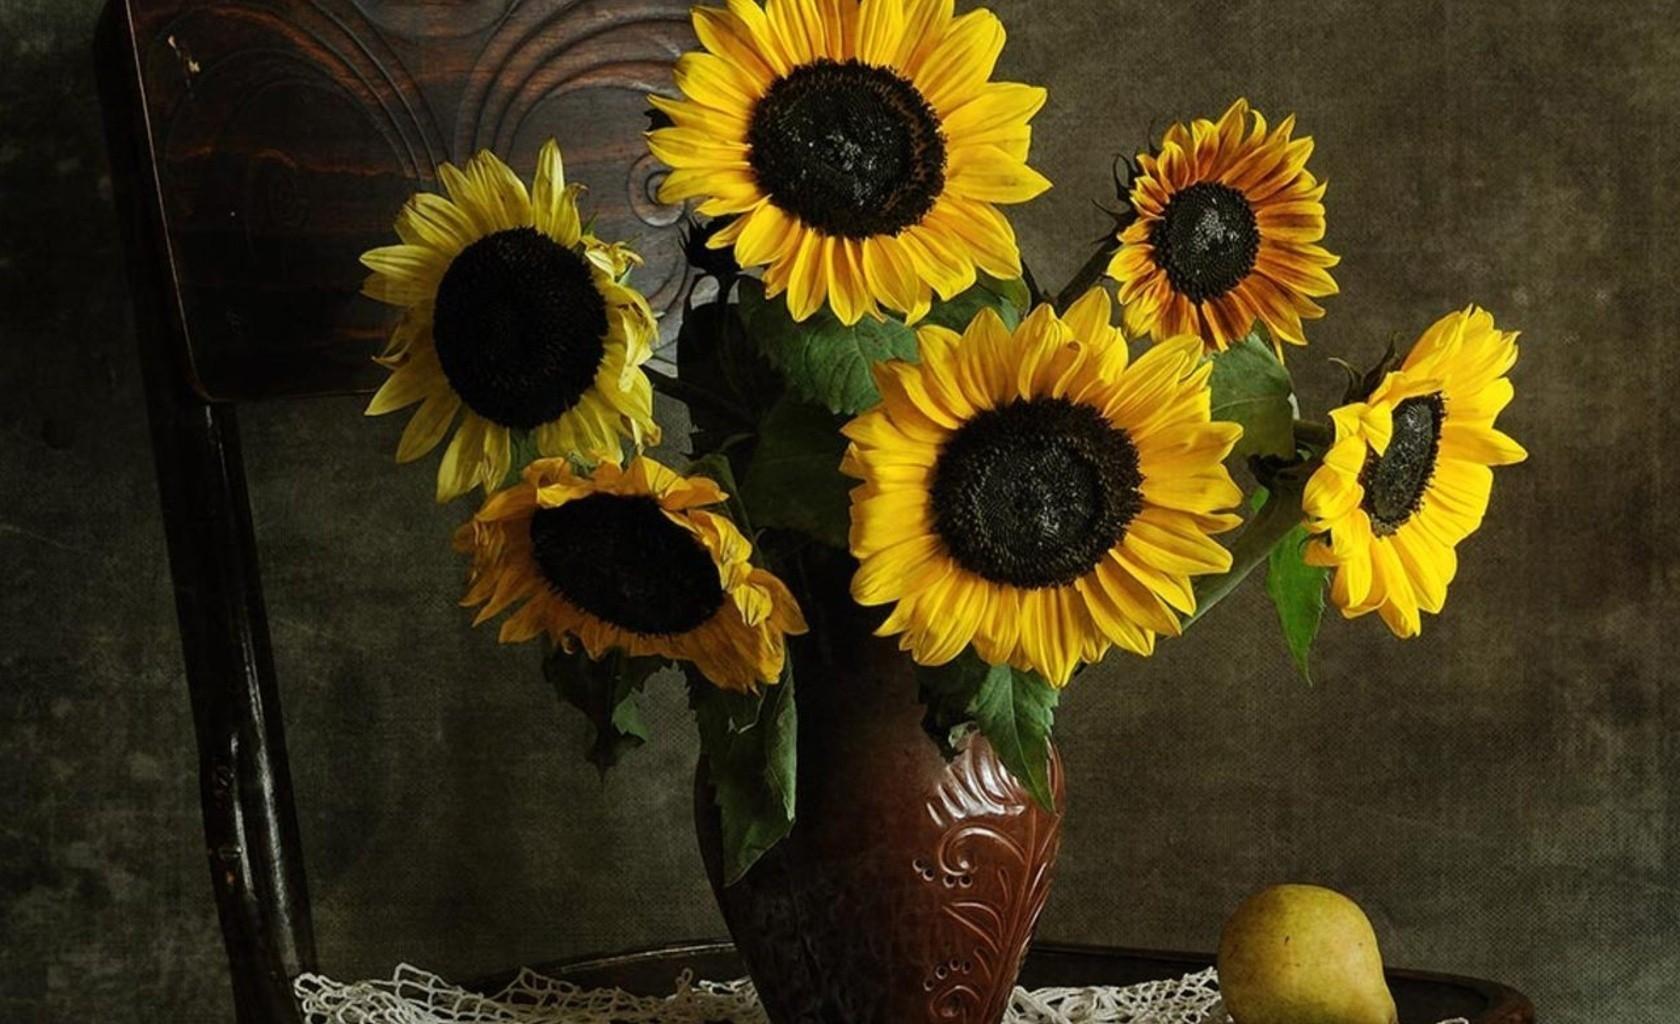 мужской зоне фото картинки цветы подсолнухи в вазах его словам